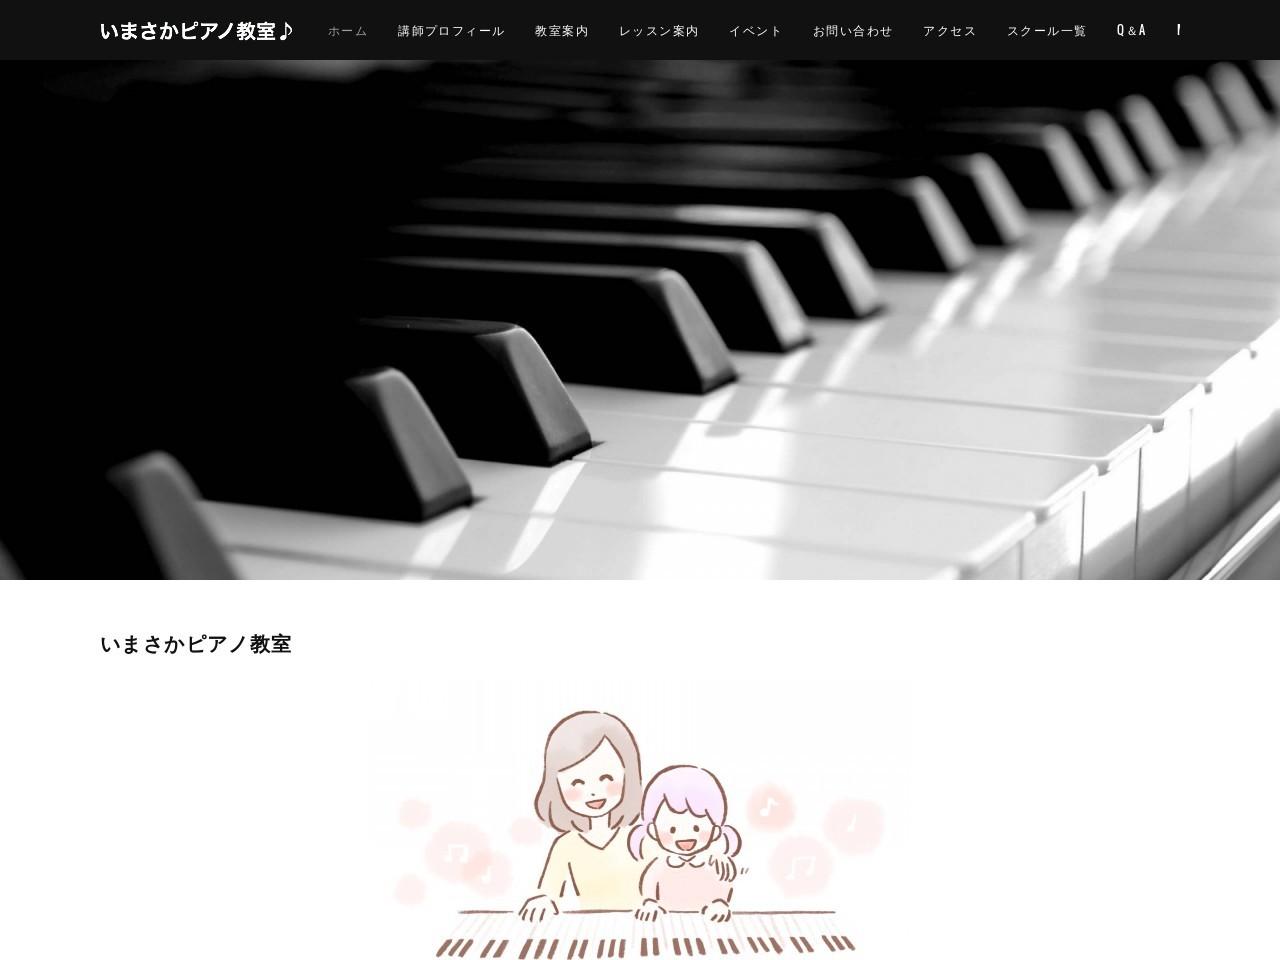 いまさかピアノ教室のサムネイル